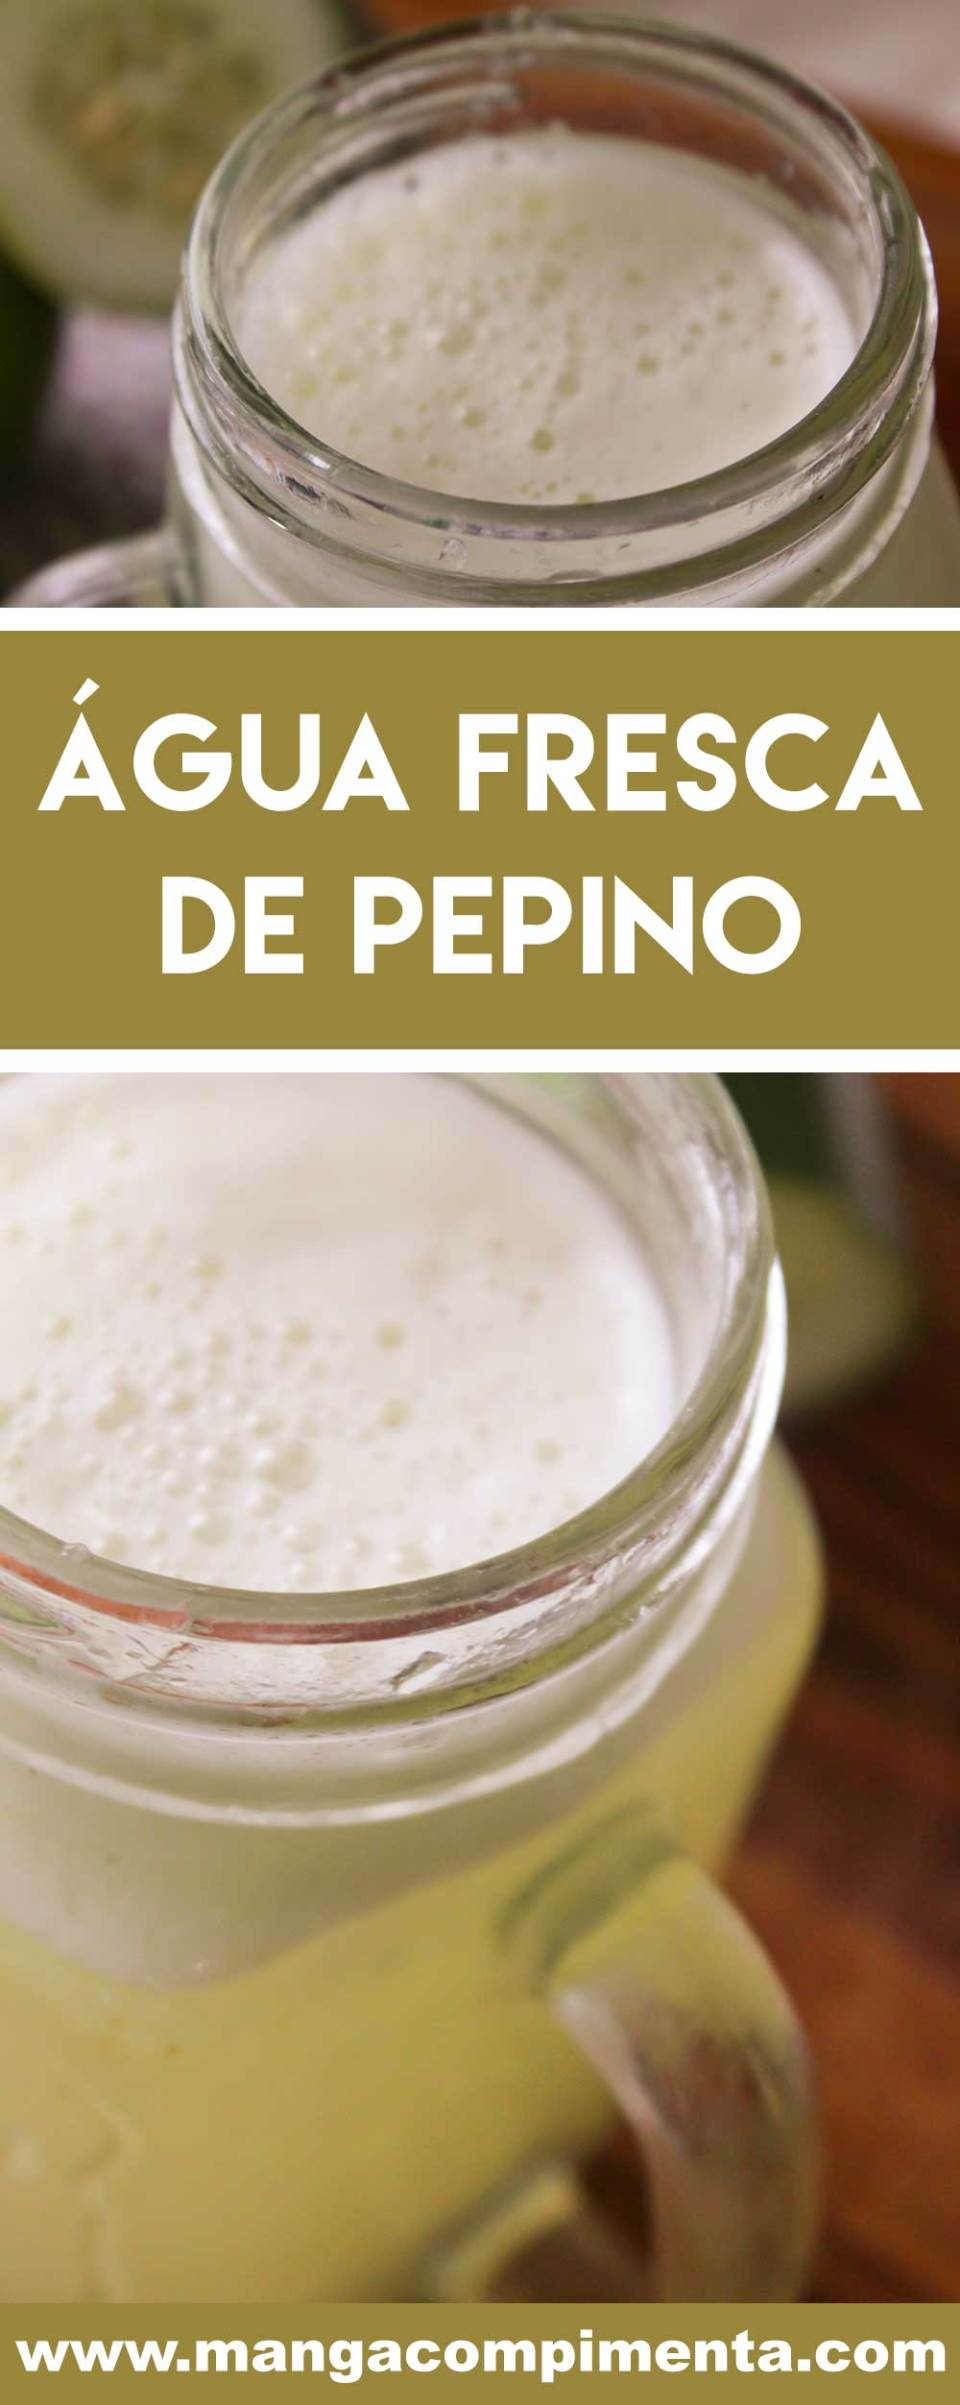 Receita de Água Fresca de Pepino - prepare para refrescar e se hidratar durante a semana!